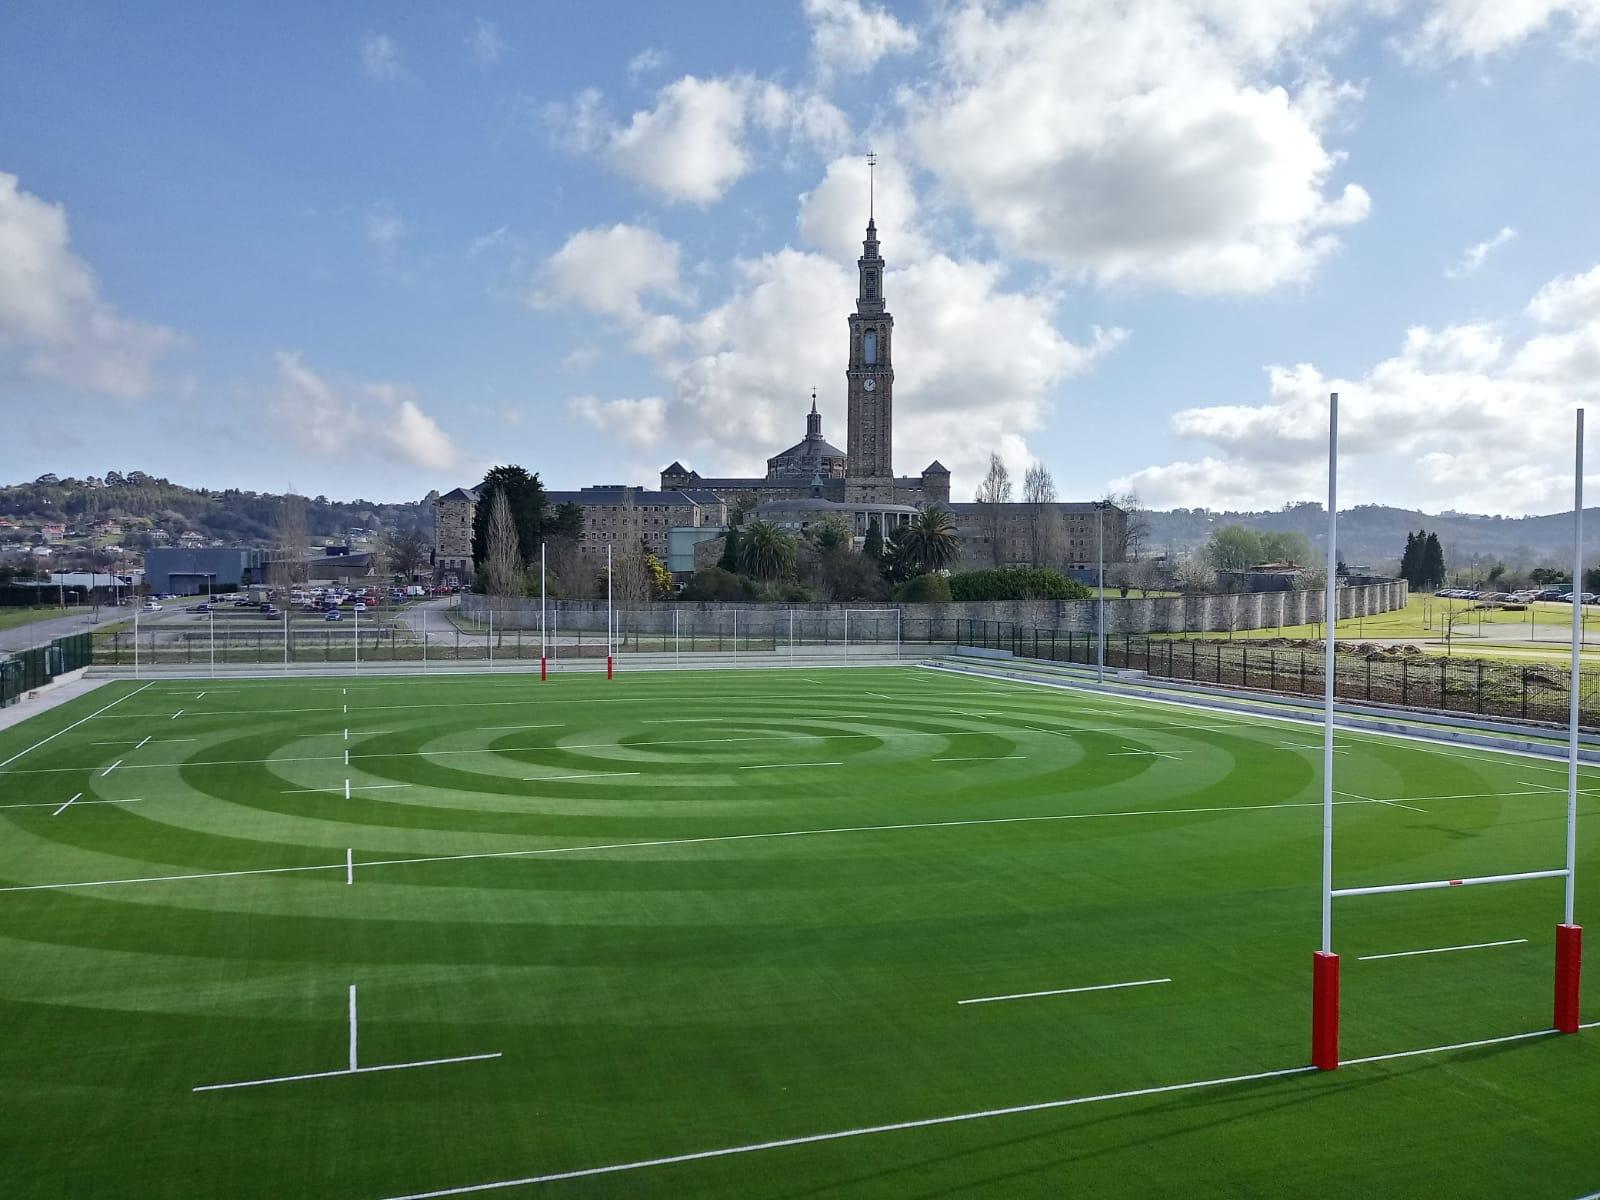 Campo de Rugby de la Universidad Laboral de Gijón (Homologación World Rugby) Image